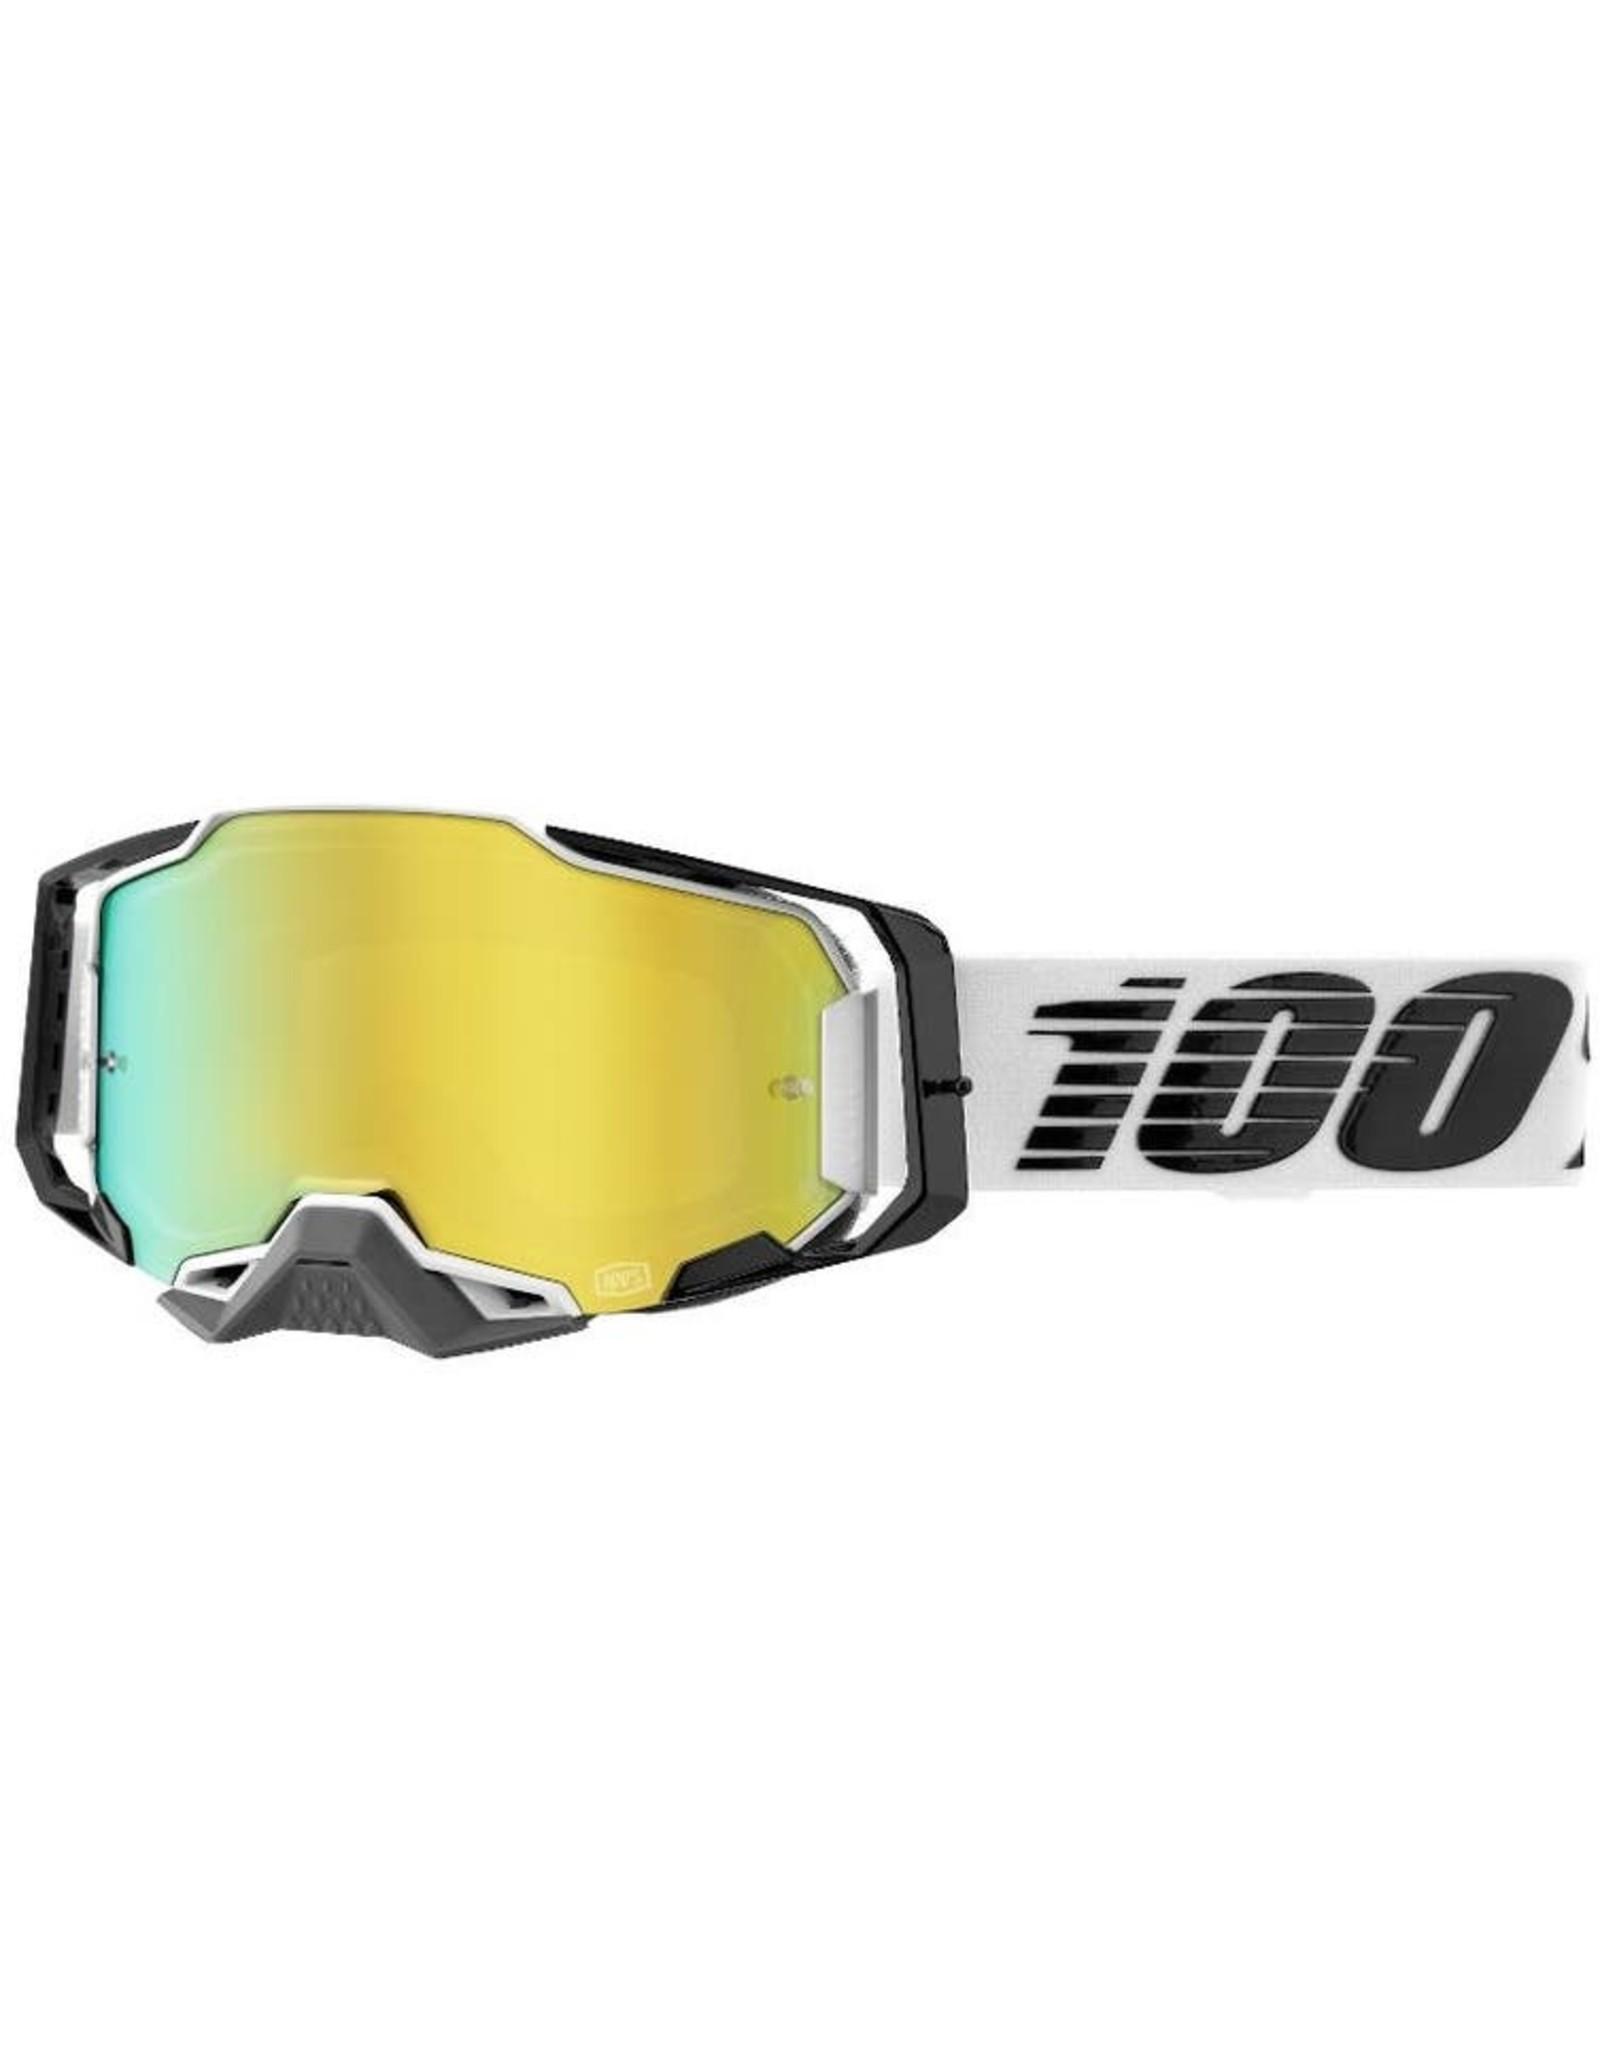 100% 100% GOGGLE ARMEGA